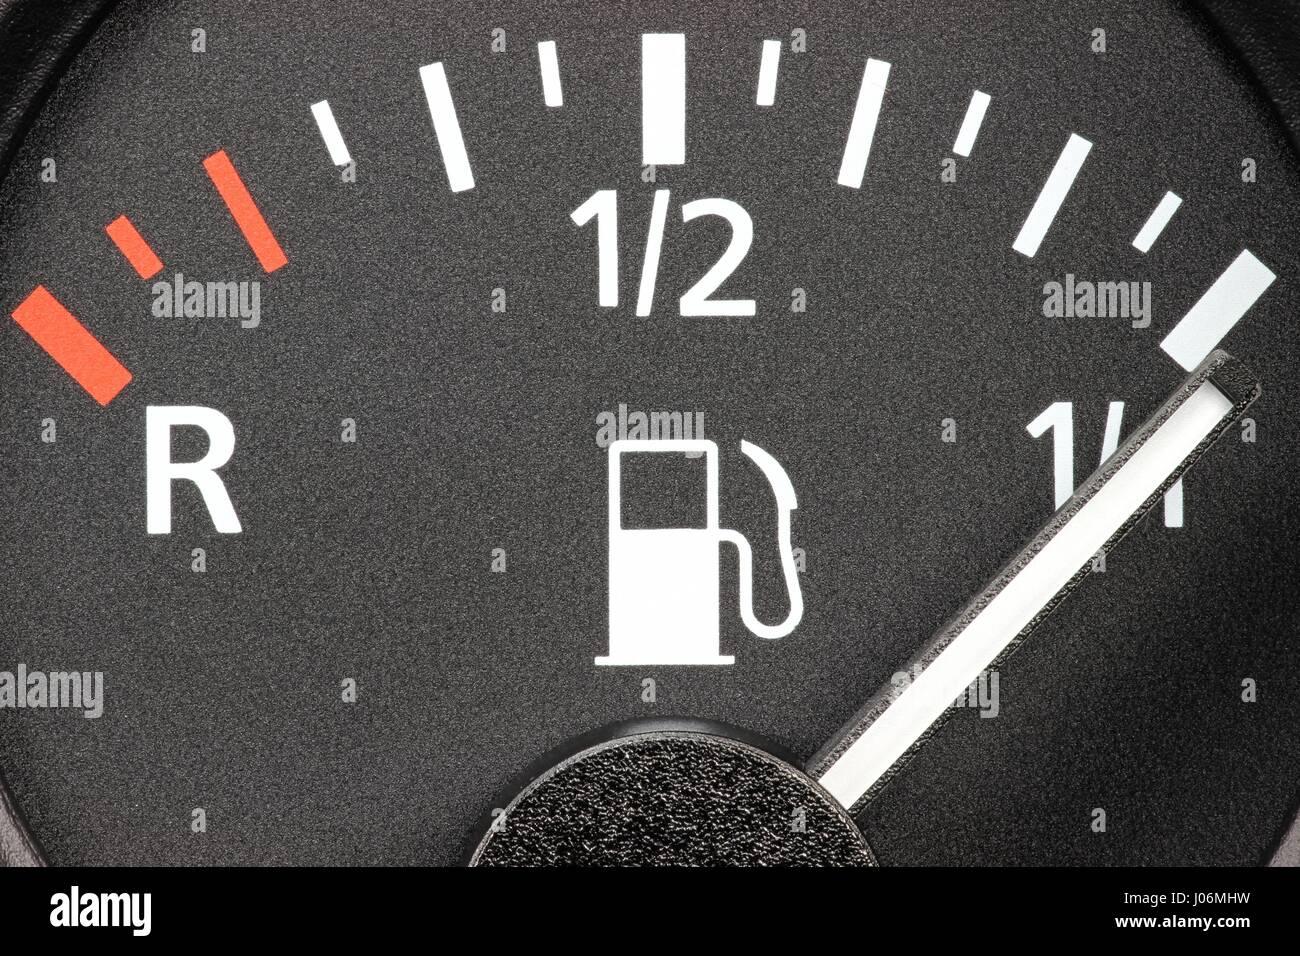 Indicatore di livello carburante nel cruscotto di automobile - pieno Immagini Stock